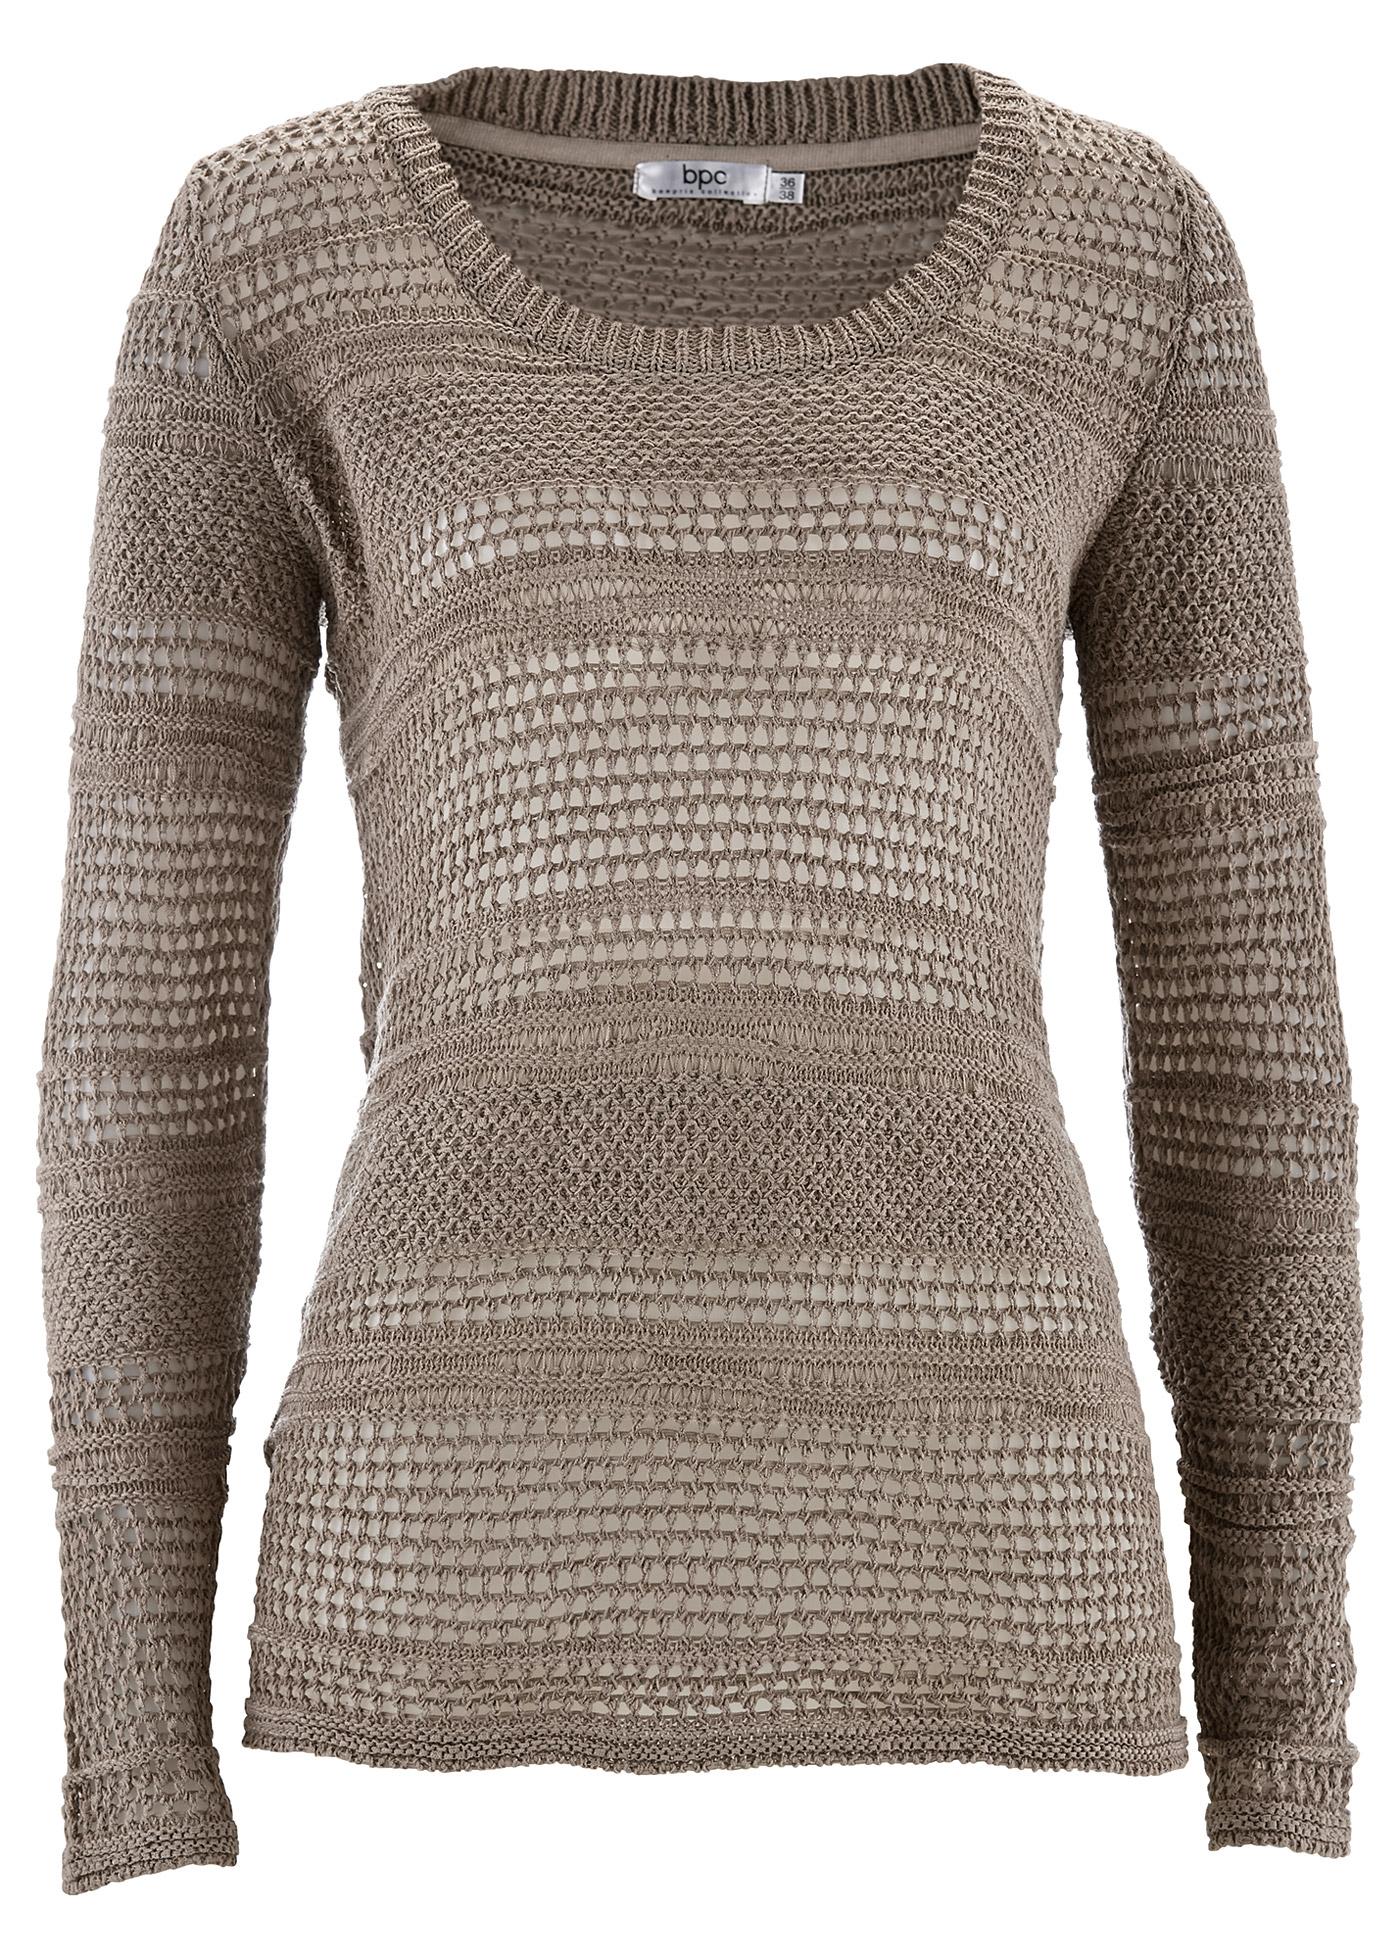 bpc bonprix collection Pullover, Langarm in braun für Damen von bonprix Damenmode > Damenbekleidung > Damenpullover > Damen Pullover Rundhals